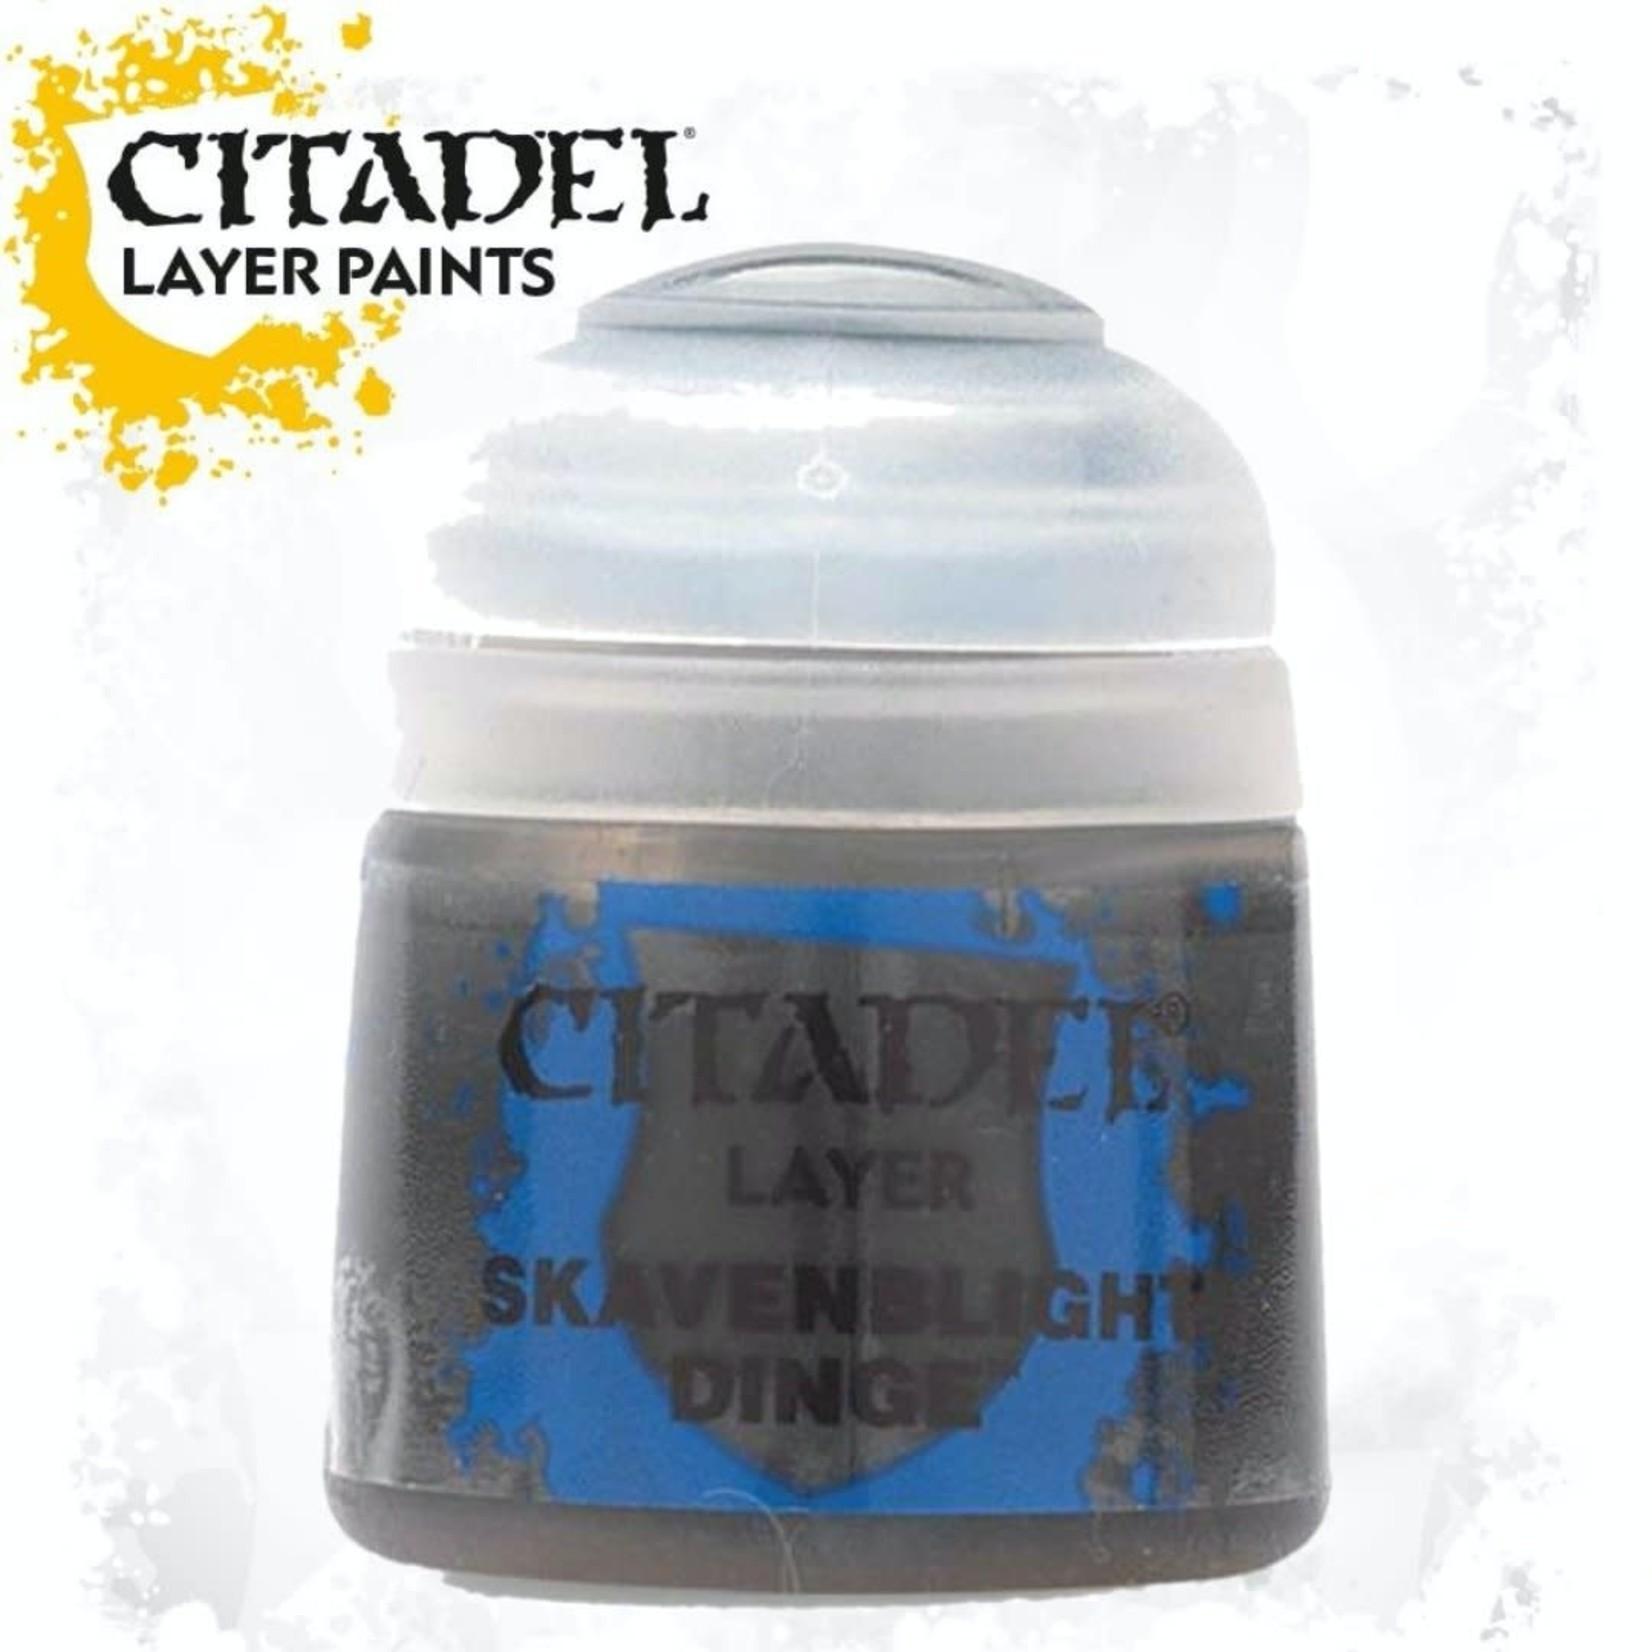 Citadel Citadel Paint - Layer: Skavenblight Dinge